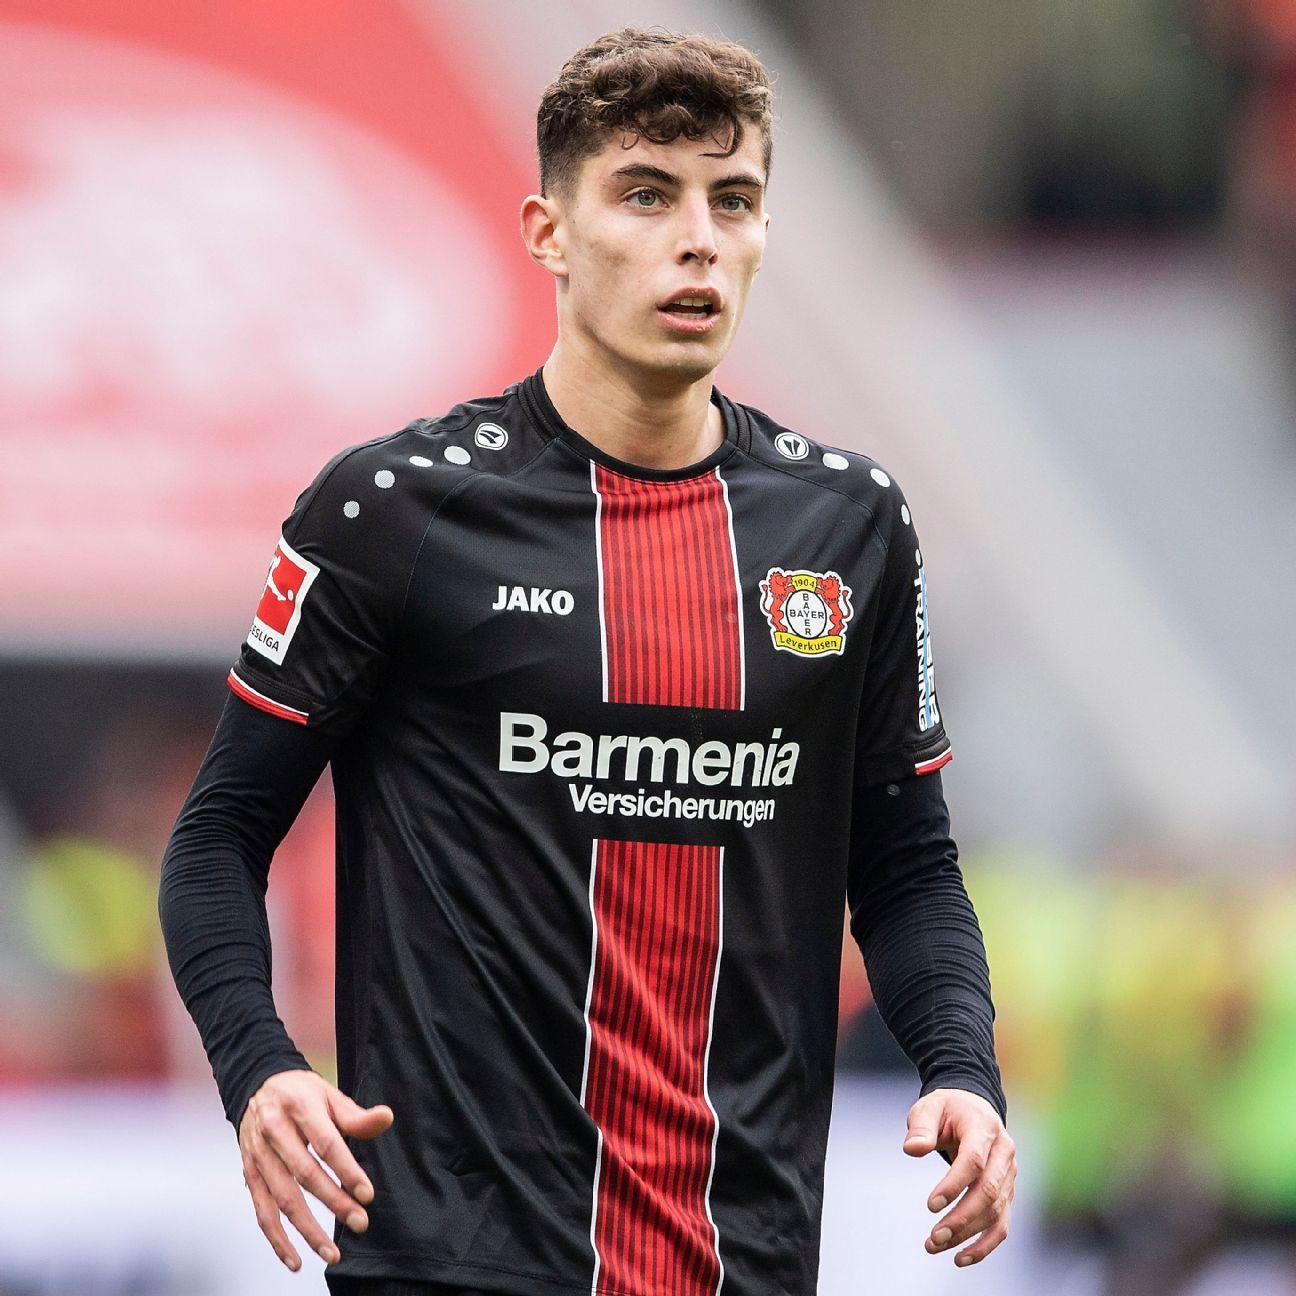 Why my club could sign: Bayer Leverkusen midfielder Kai Havertz